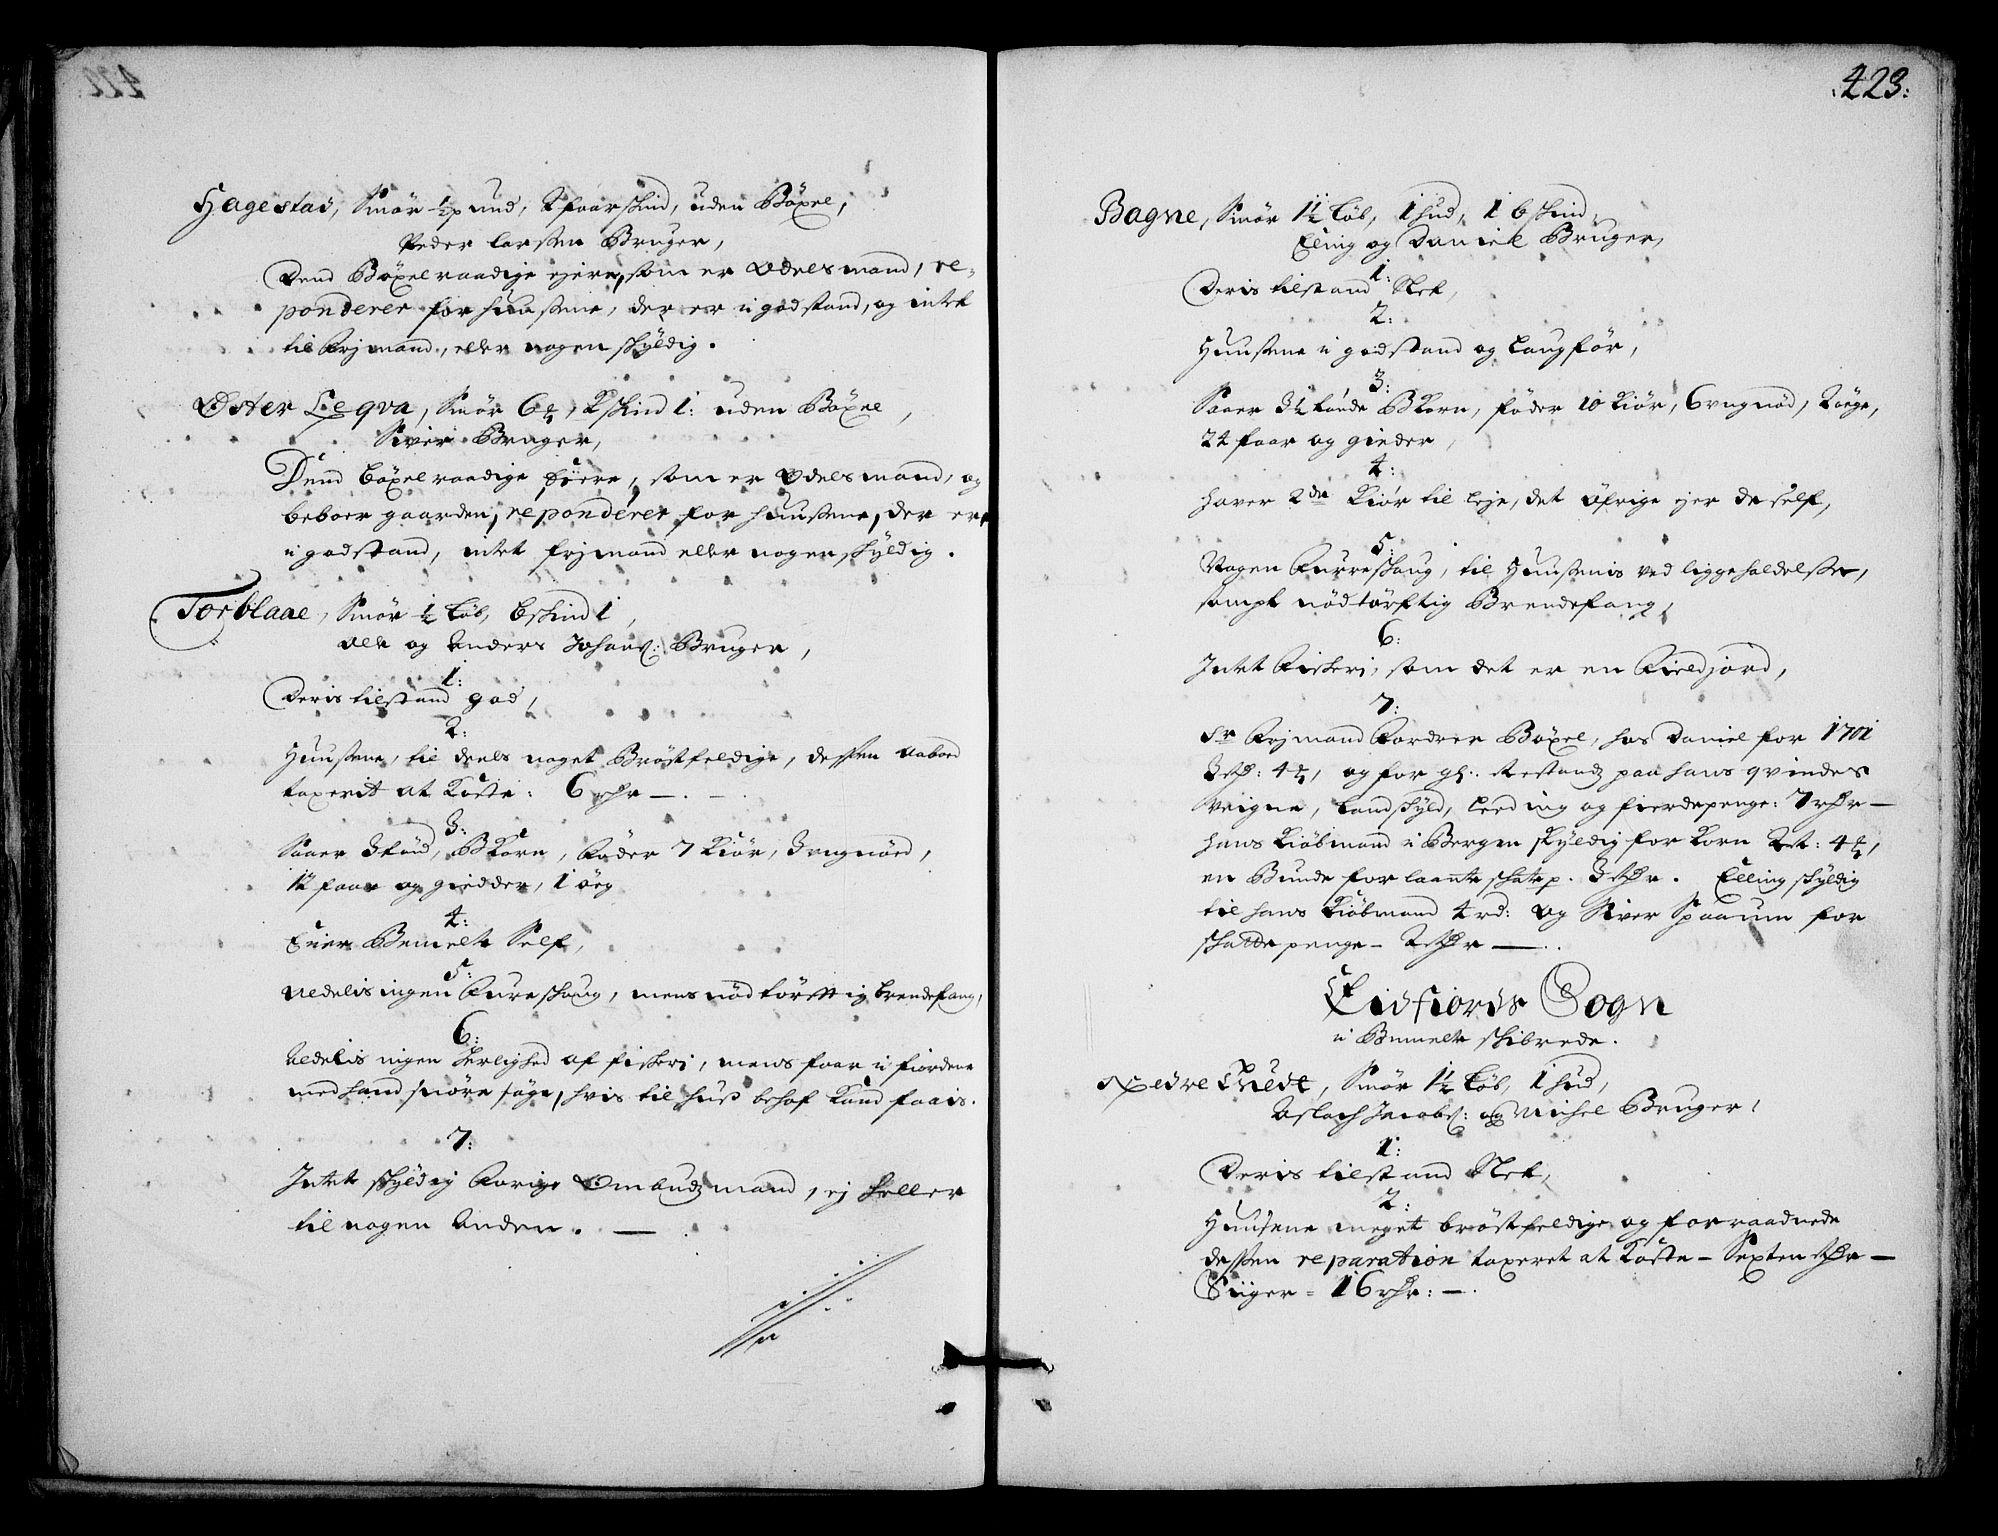 RA, Rentekammeret inntil 1814, Realistisk ordnet avdeling, On/L0002: [Jj 3]: Besiktigelsesforretninger over Halsnøy klosters gods, 1659-1703, s. 422b-423a